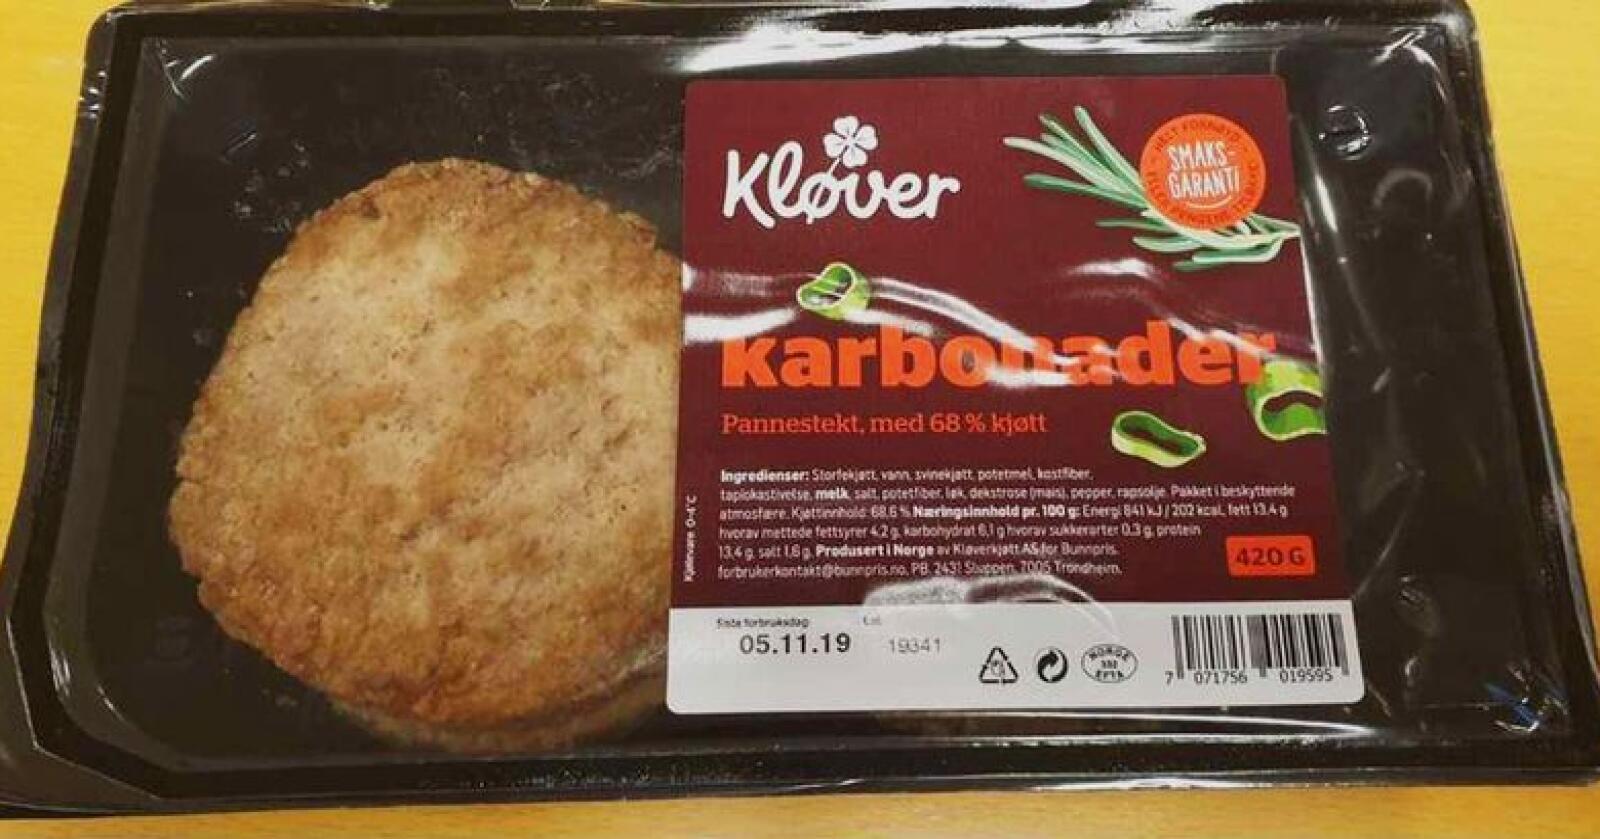 Kløverkjøtt AS trekker tilbake produktet Pannestekte karbonader. Årsaken er funn av listeria. Foto: Matportalen.no / NTB scanpix